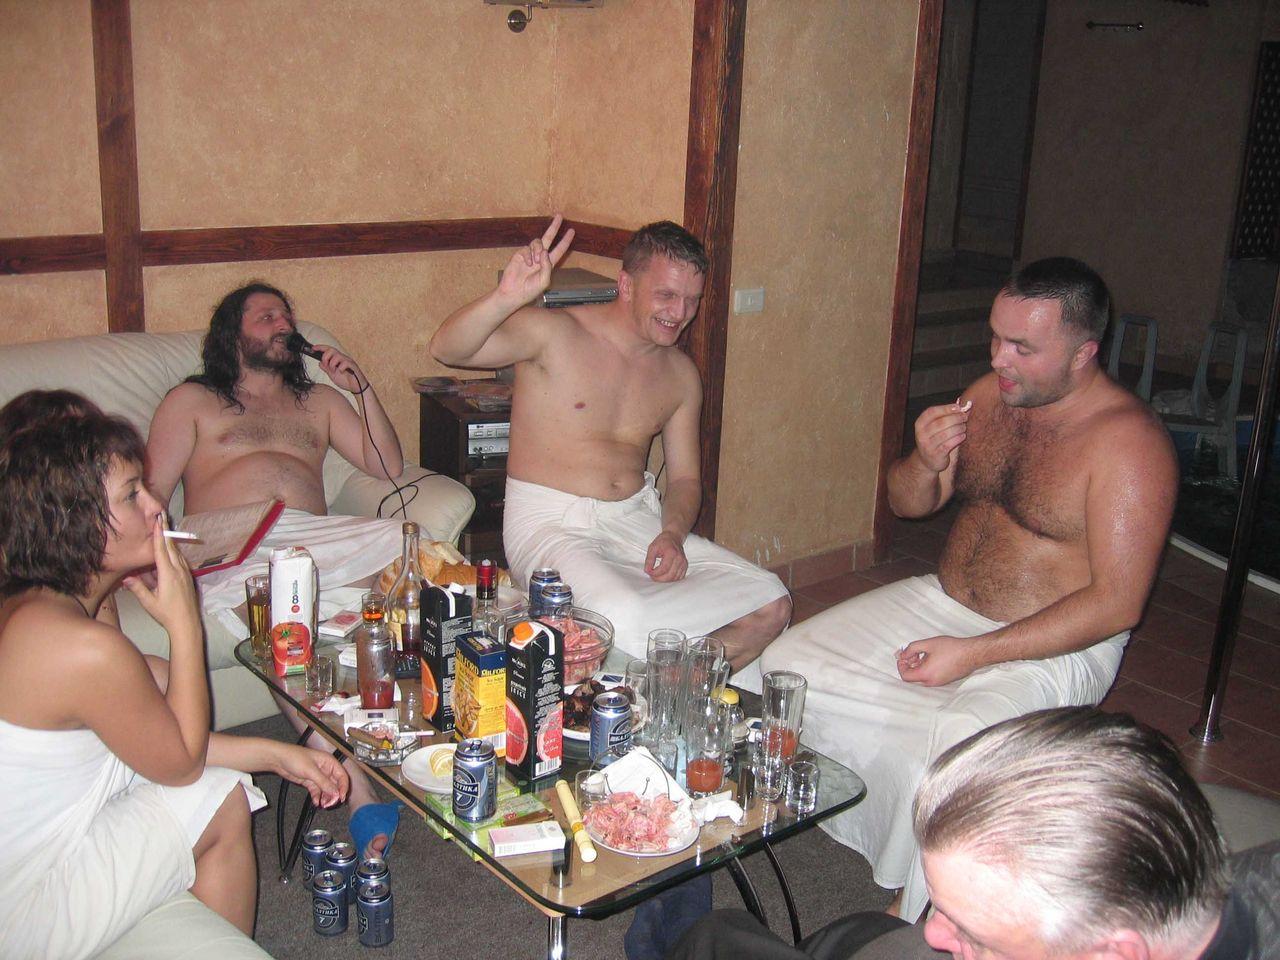 Пригласили проституток в баню, фото порно вечеринки в клубе